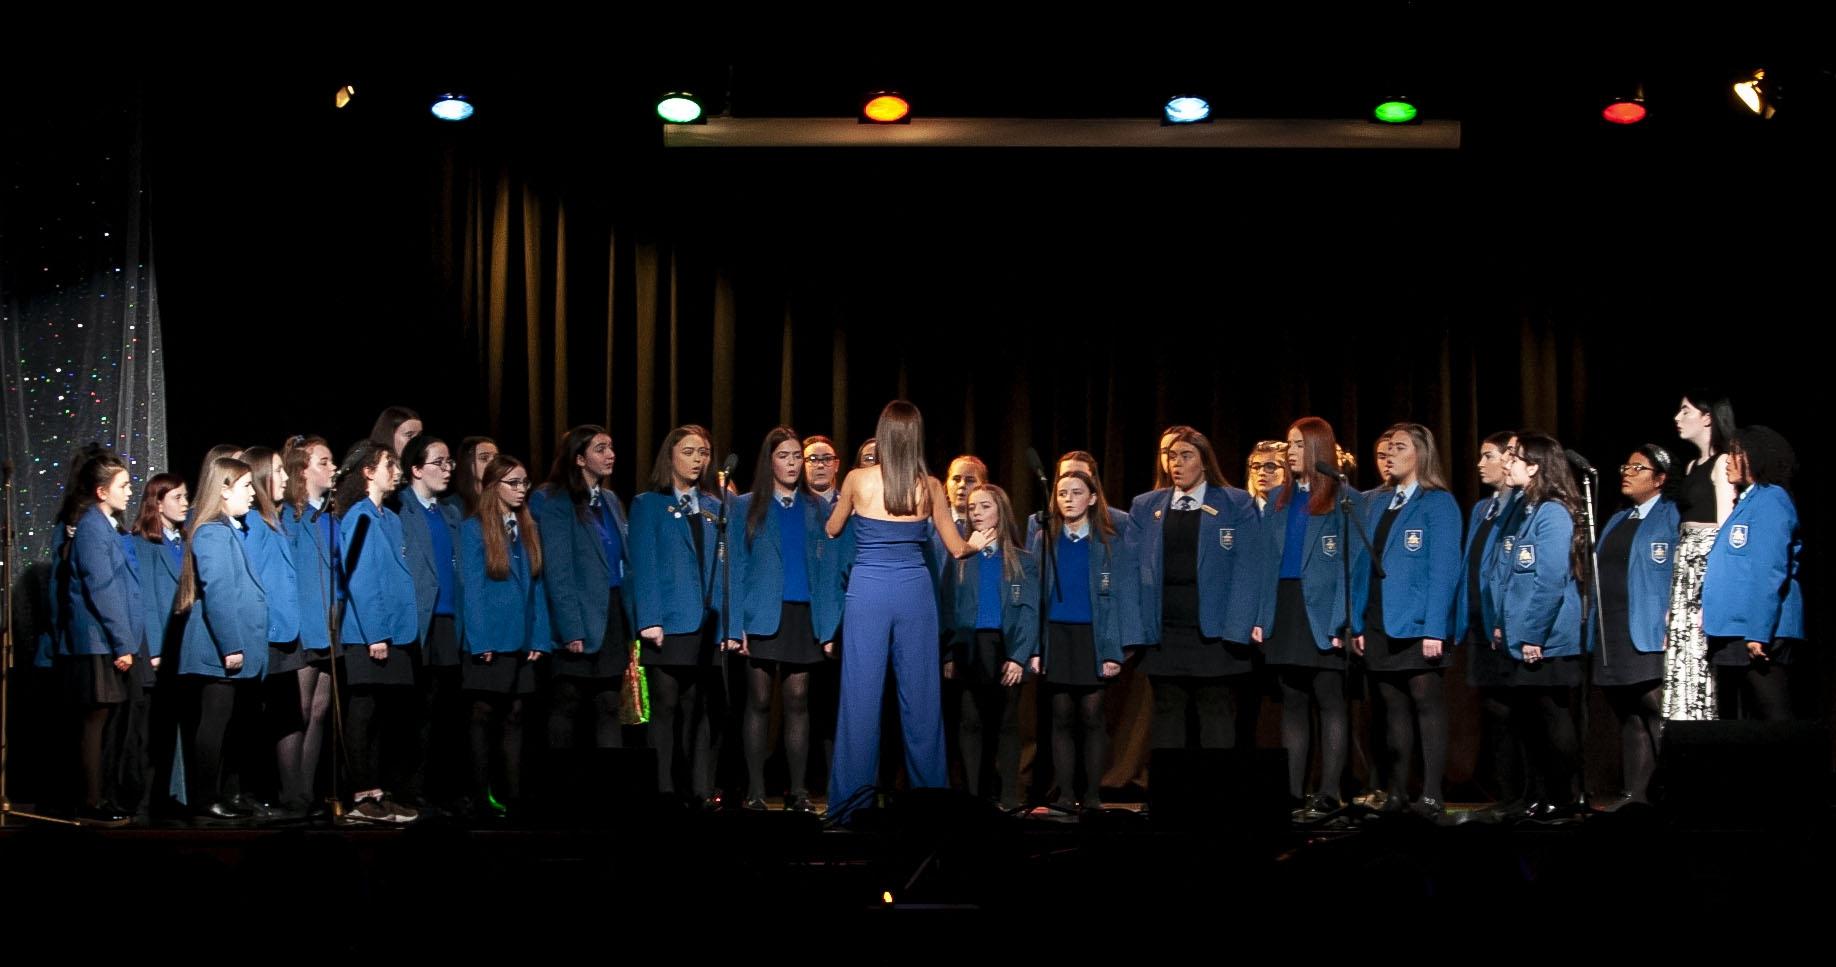 11-12-19 St. Marys Gala 18